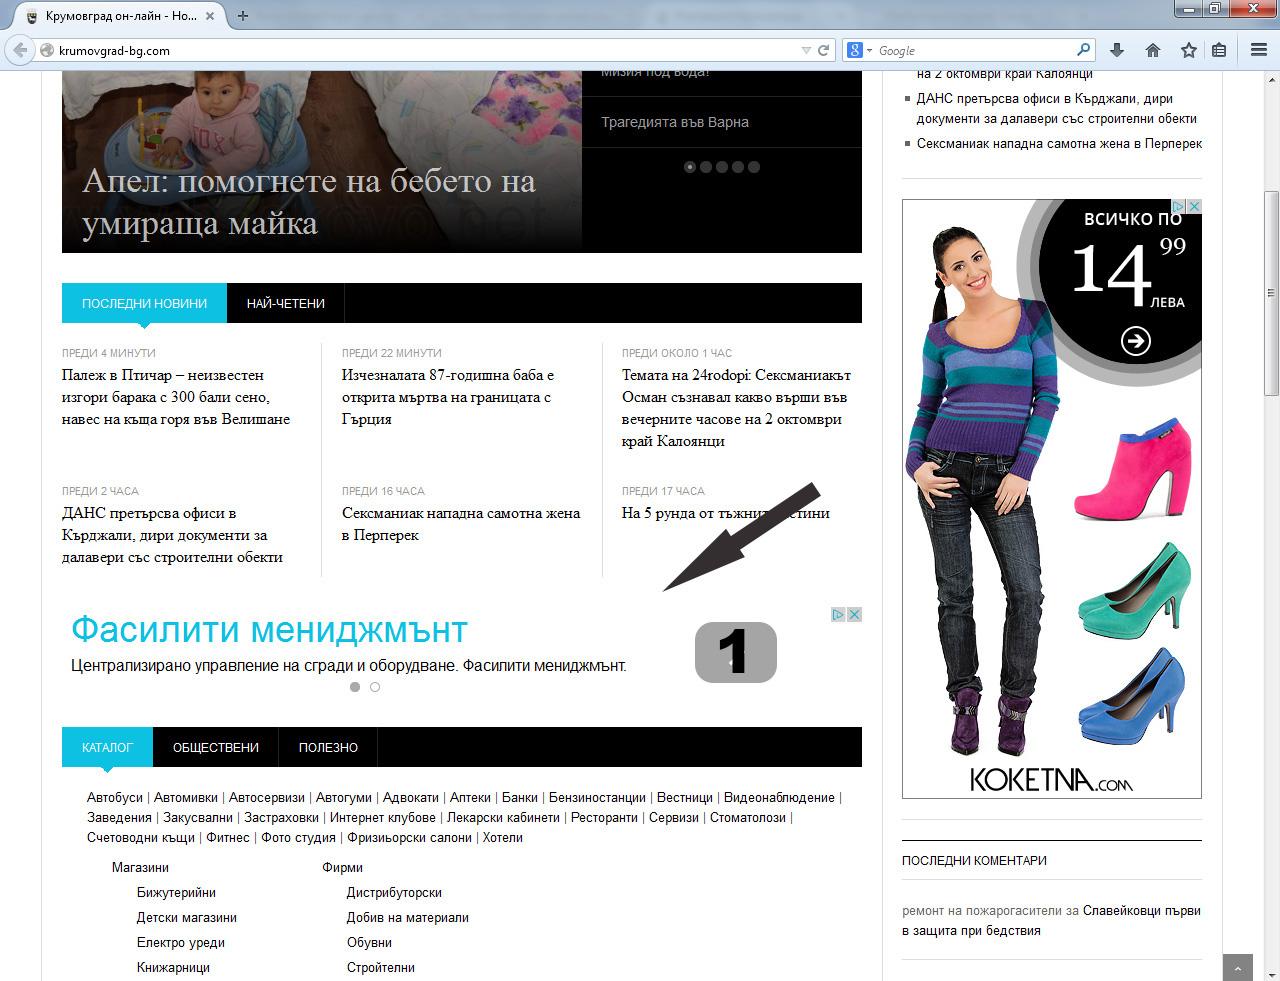 Реклама в Крумовград - позиция 1